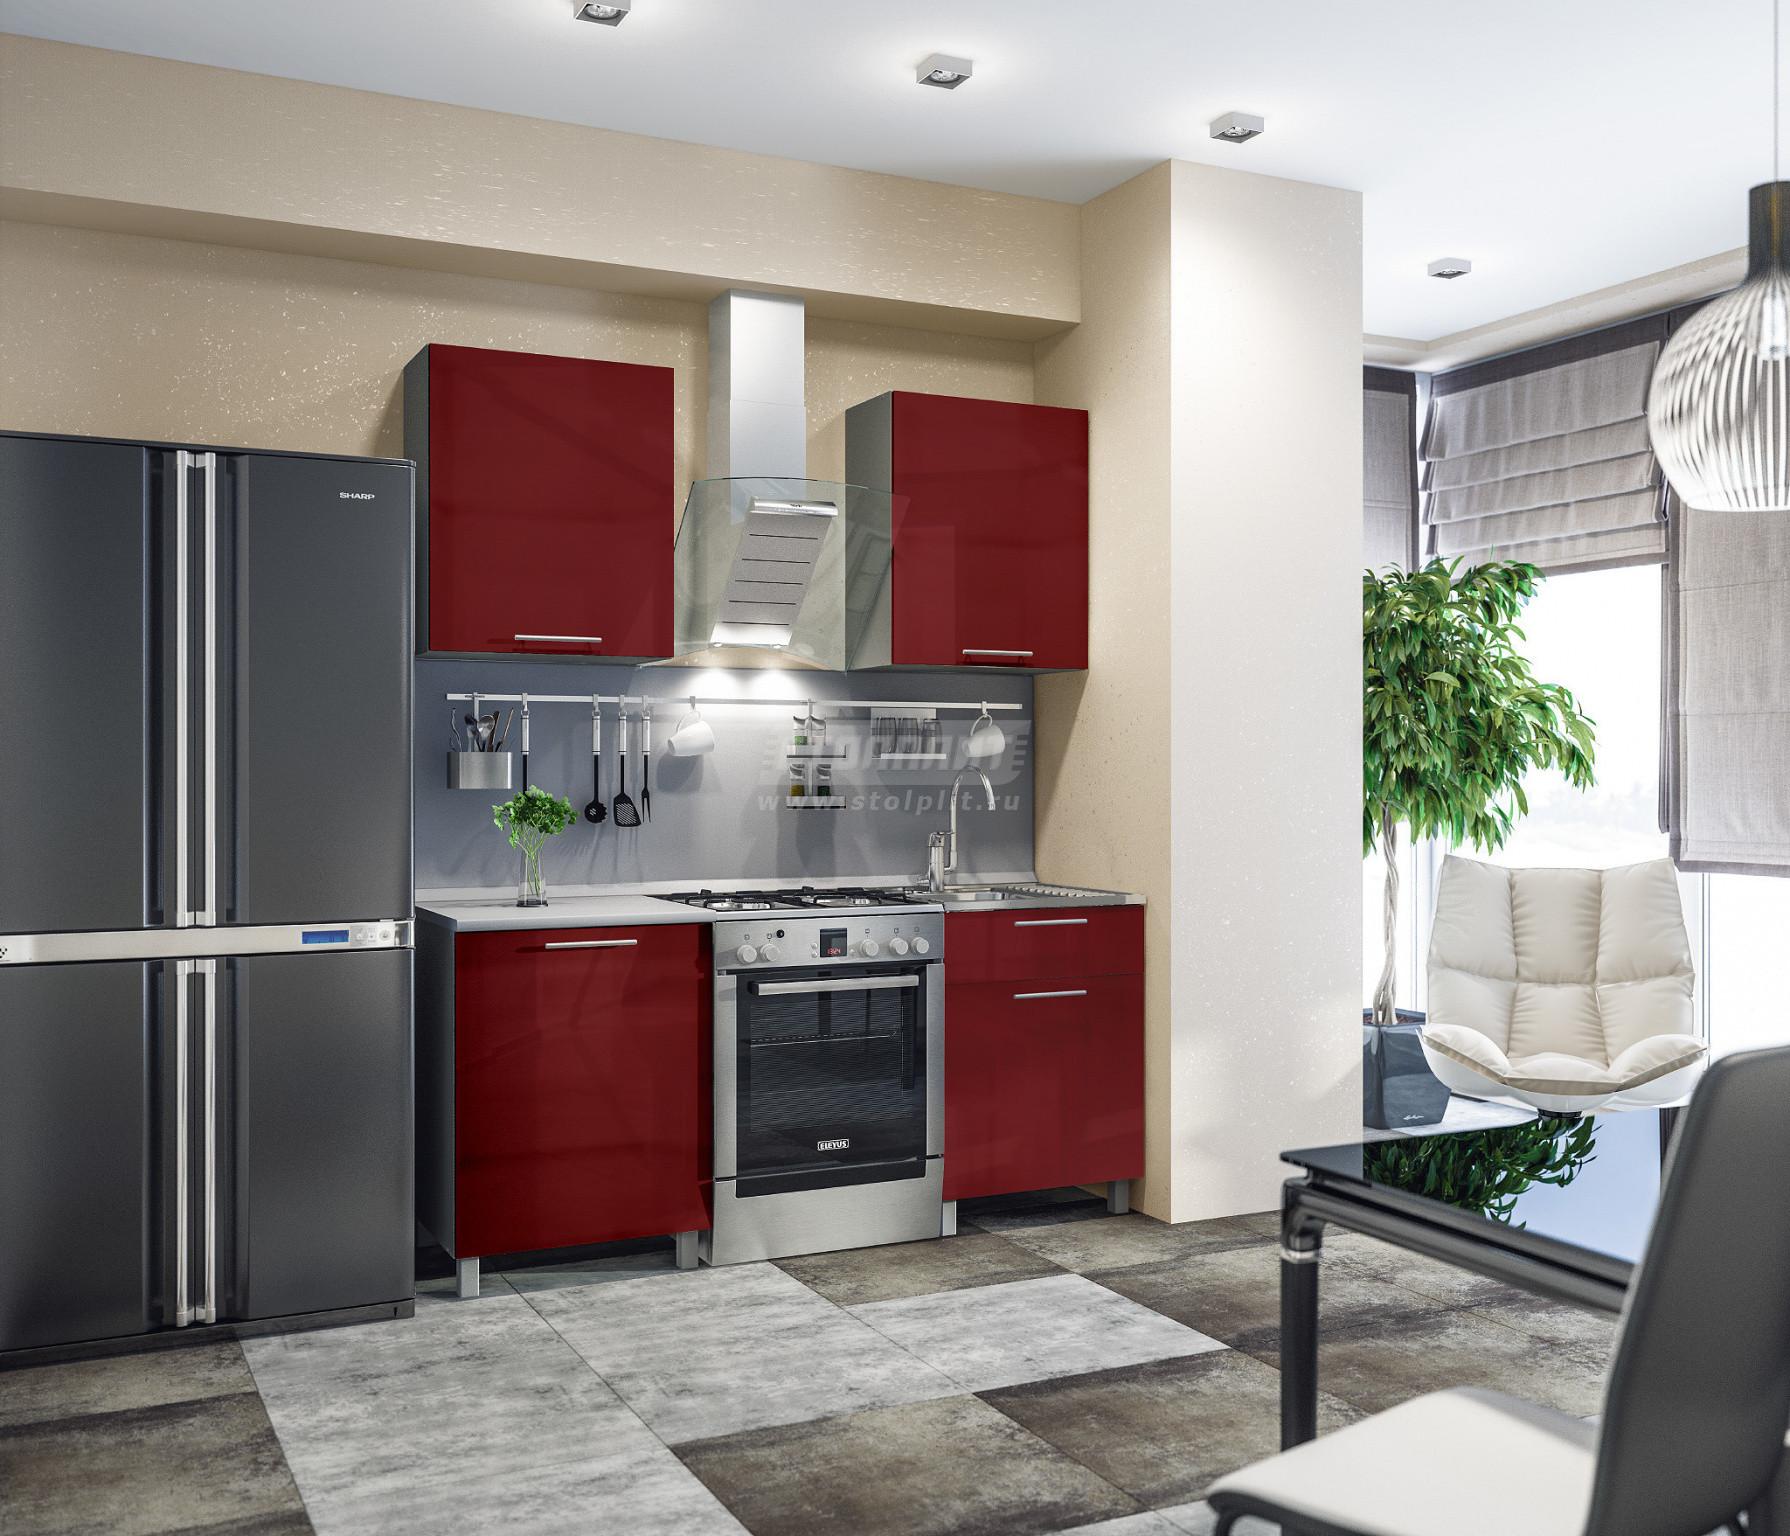 Кухня Столплит Анна L-1800 алюминий/рубин глянец/серебро 120x214x60 см